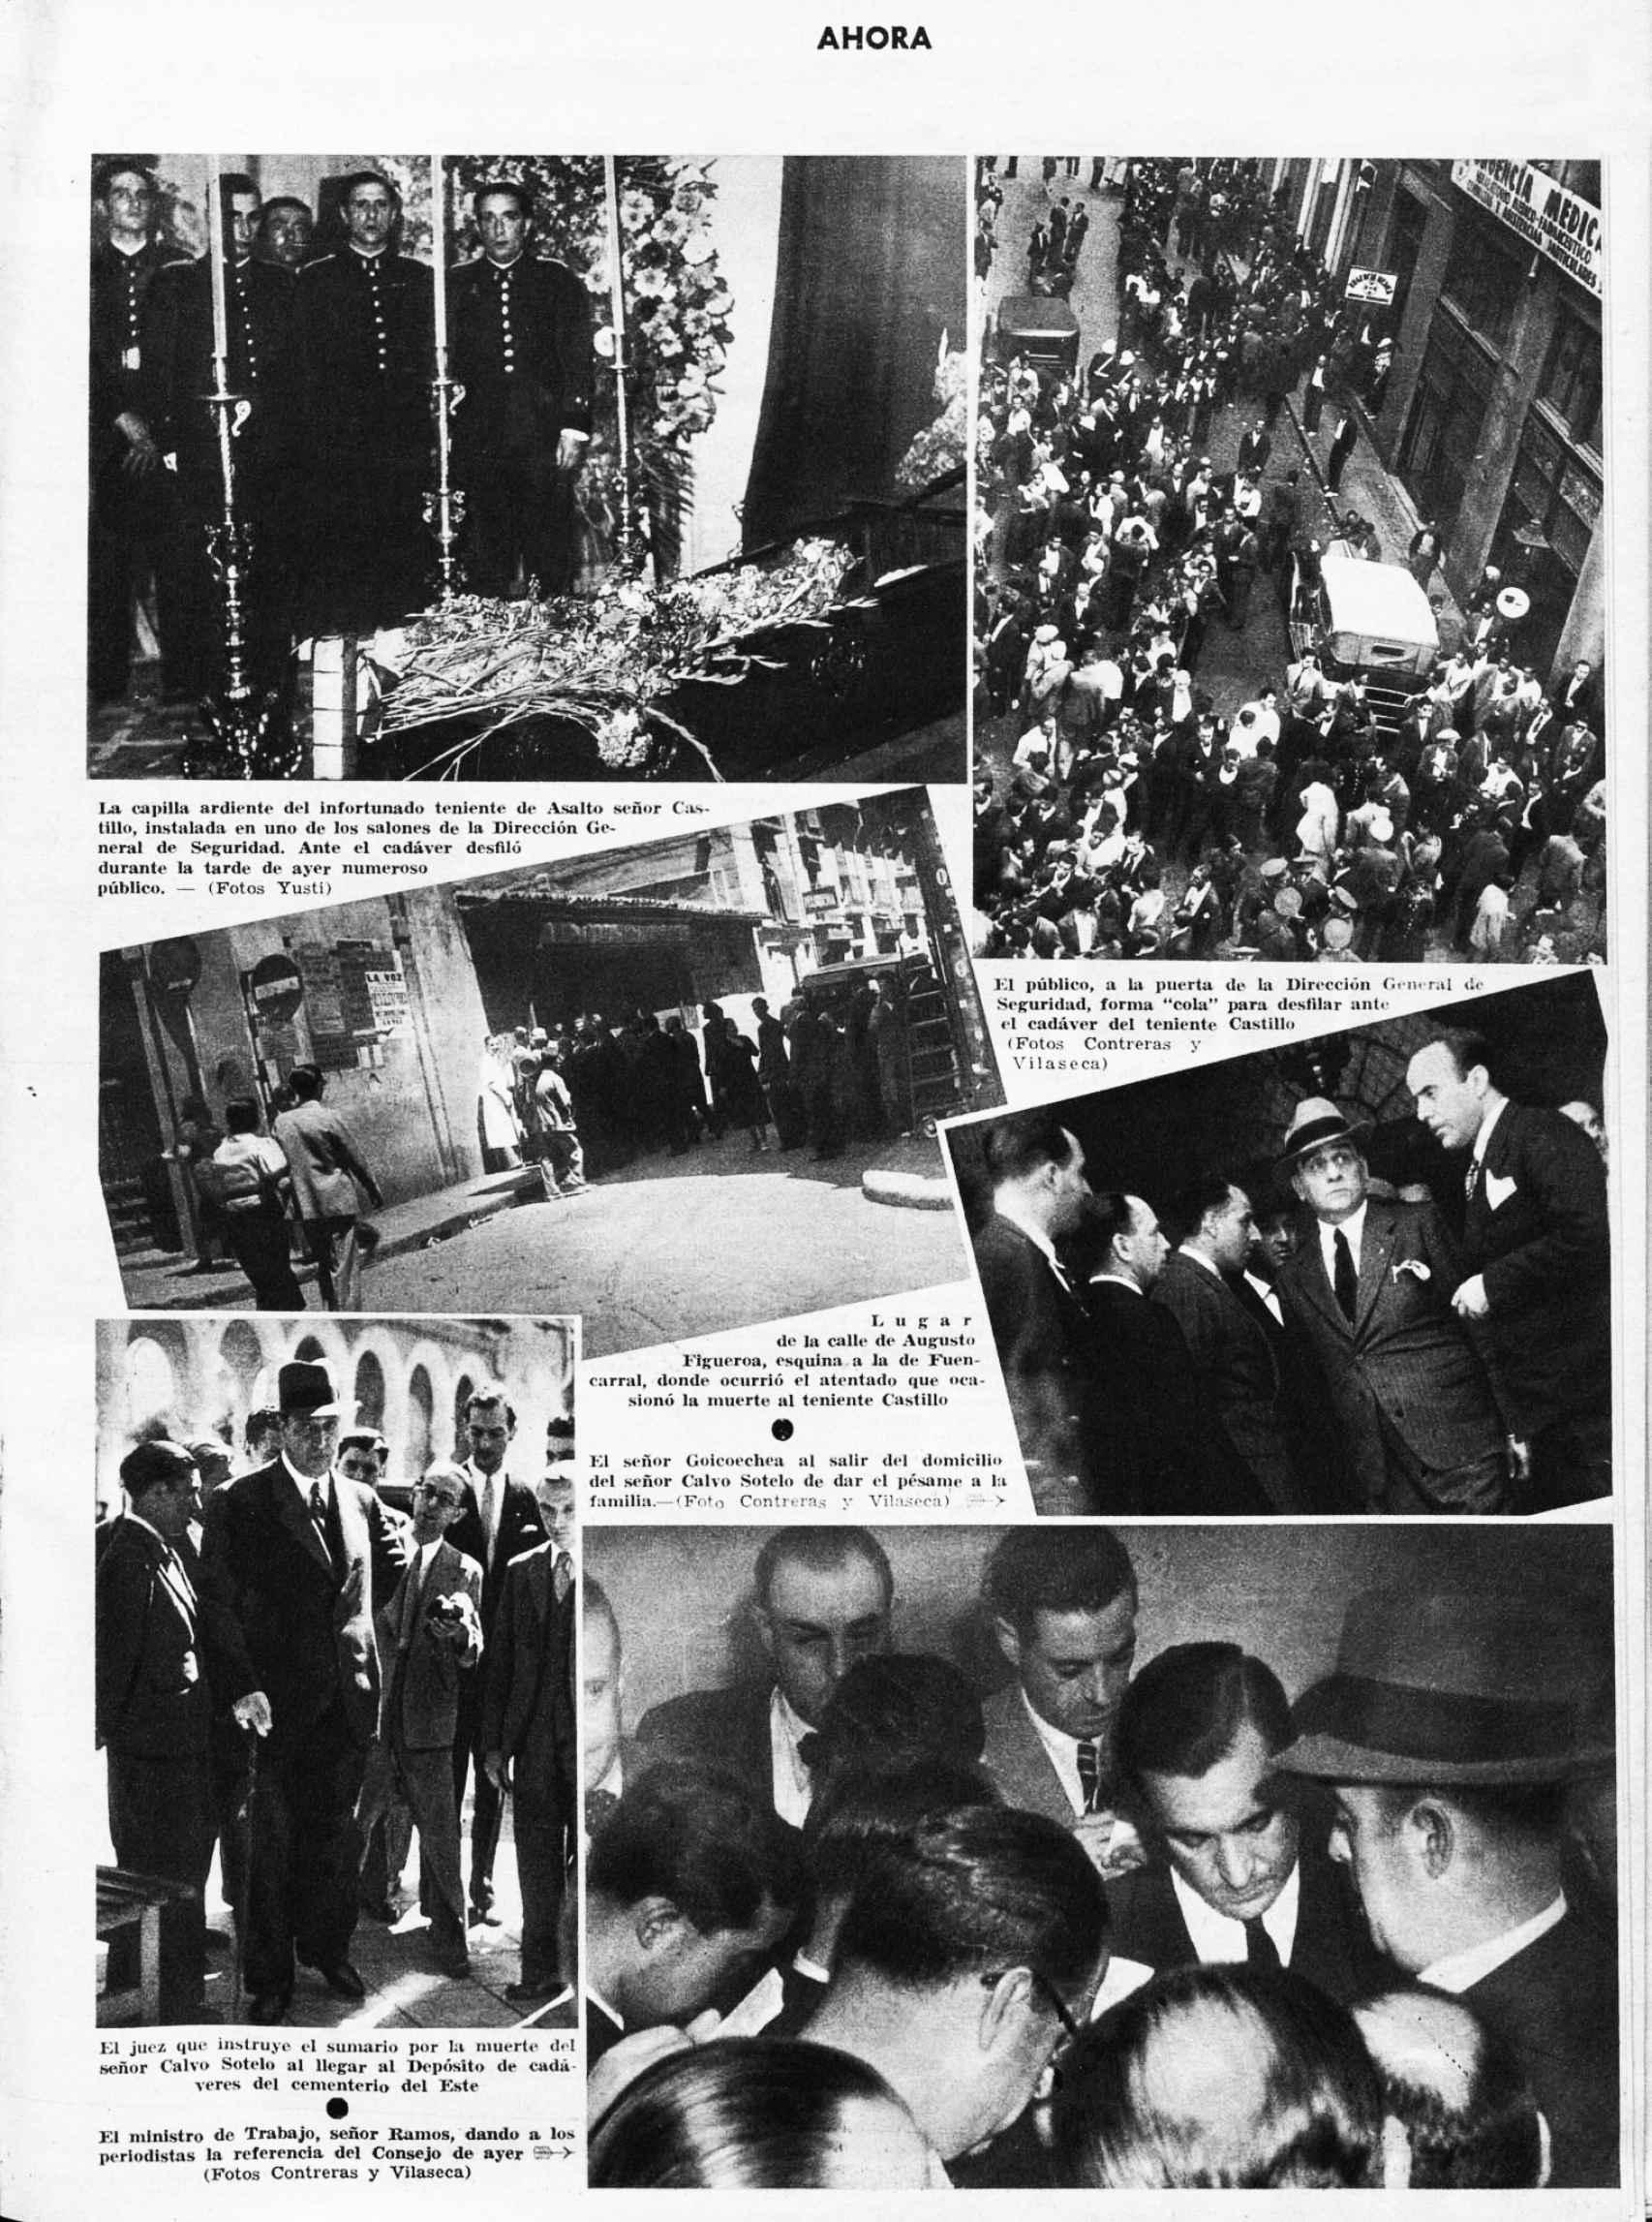 Página gráfica del diario 'Ahora' informando del asesinato del teniente Castillo.